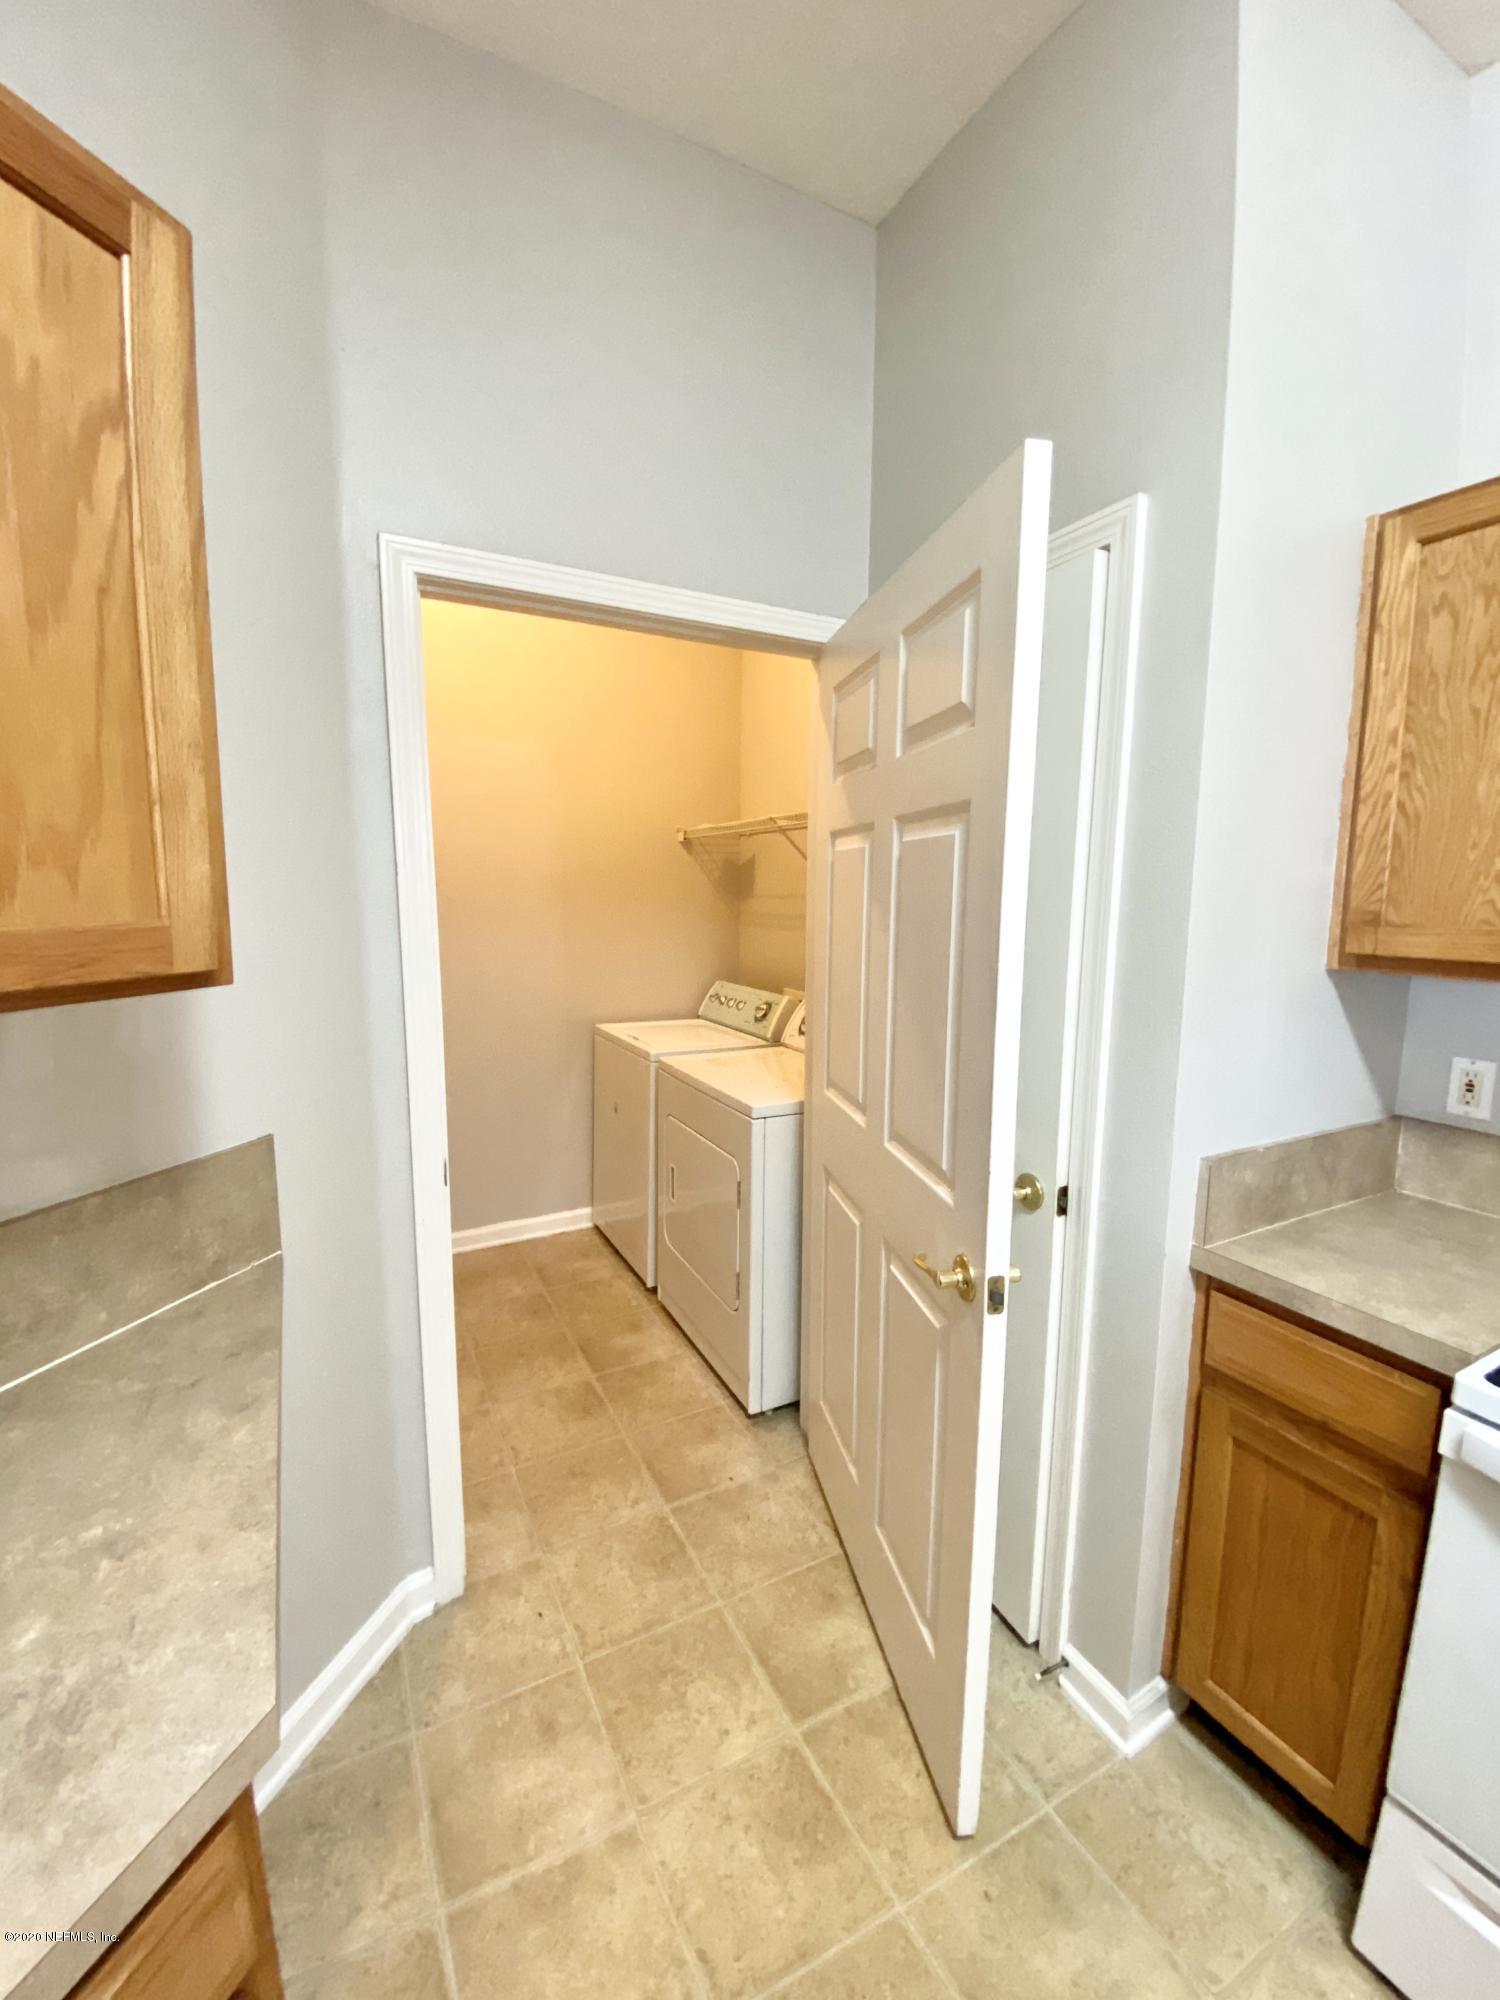 785 OAKLEAF PLANTATION, ORANGE PARK, FLORIDA 32065, 2 Bedrooms Bedrooms, ,2 BathroomsBathrooms,Residential,For sale,OAKLEAF PLANTATION,1076711